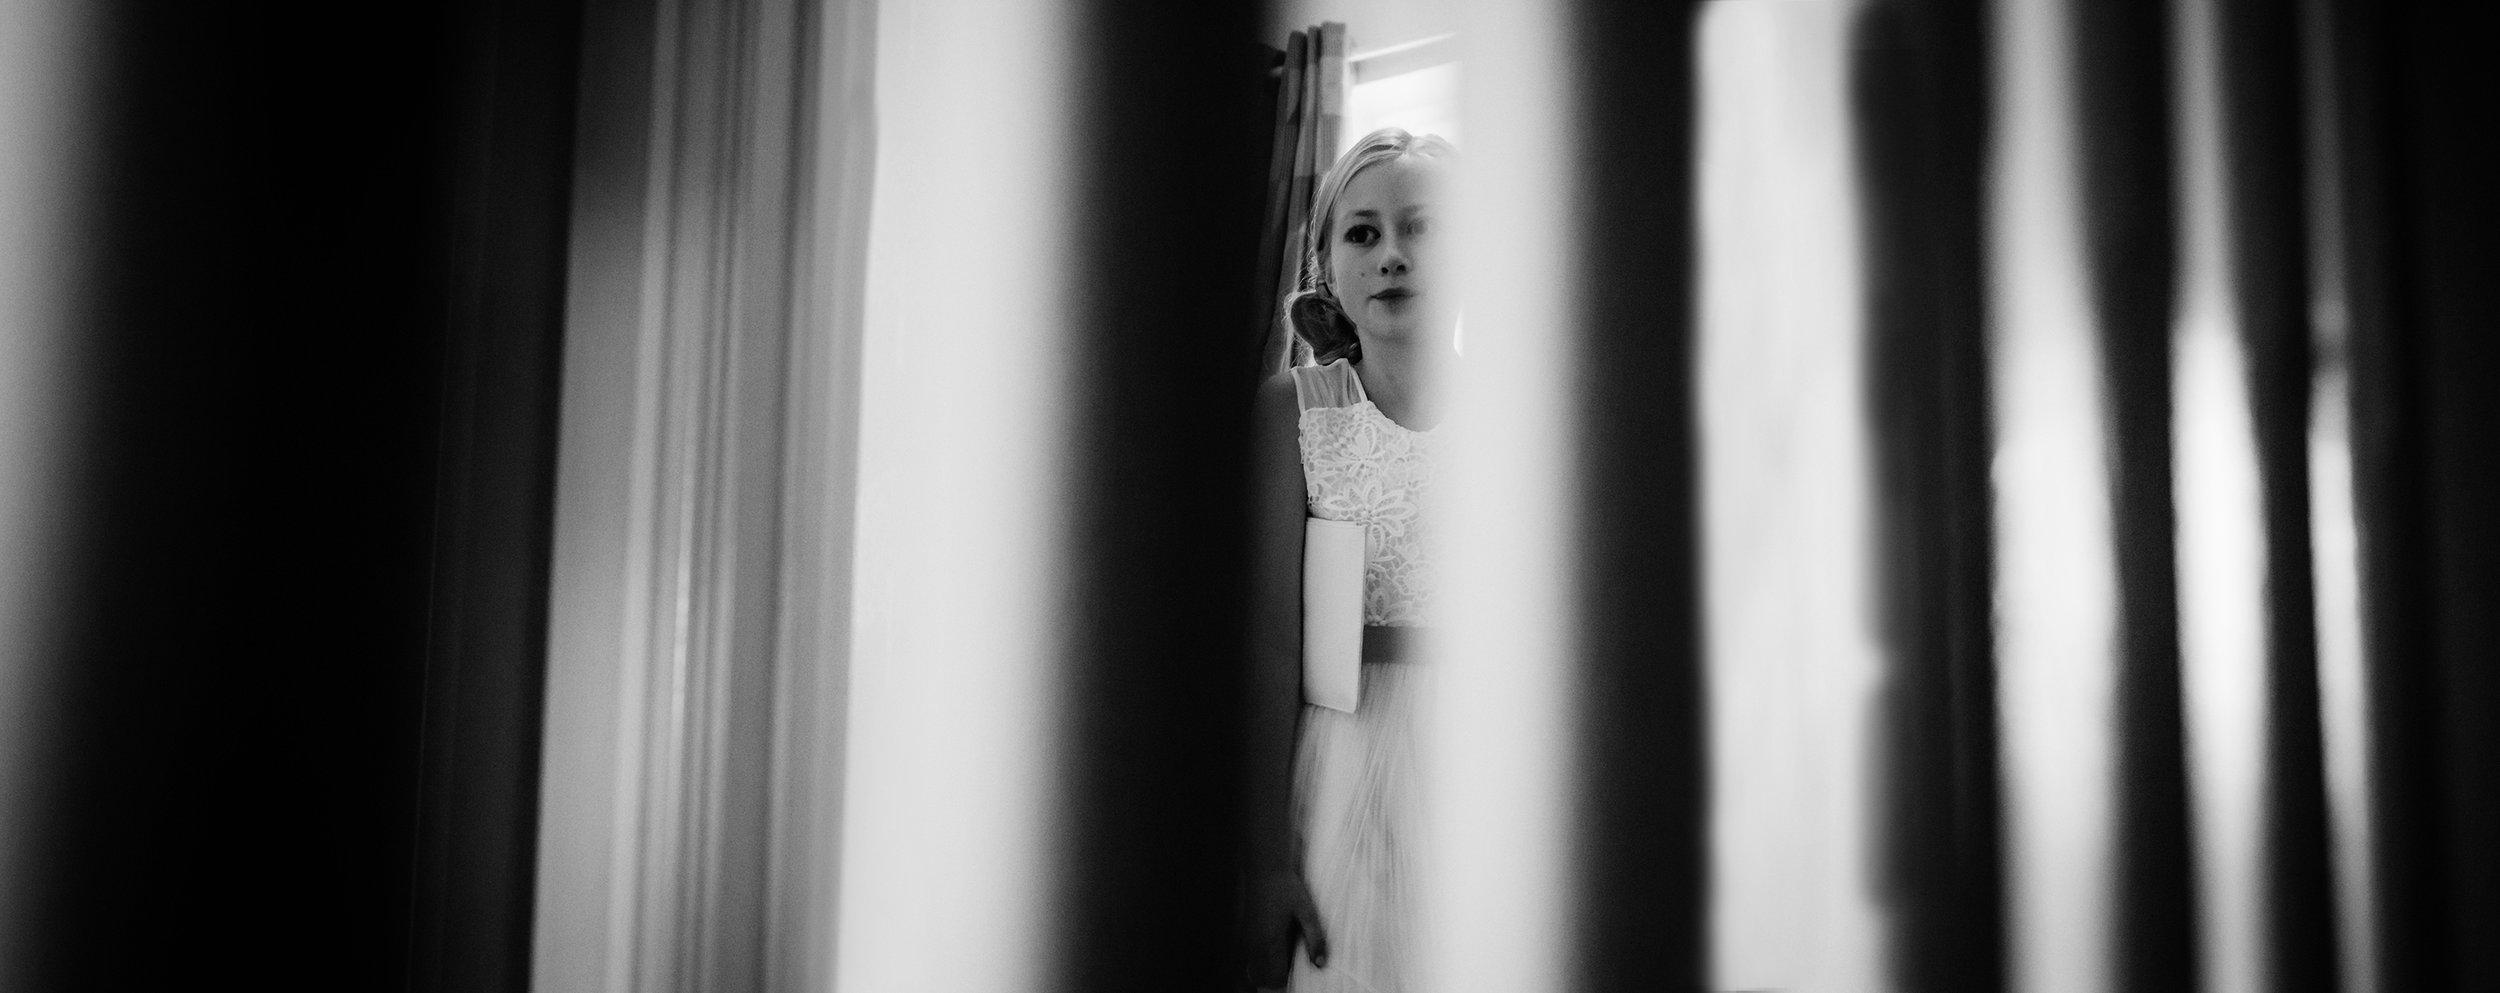 A bridesmaid through the stairs